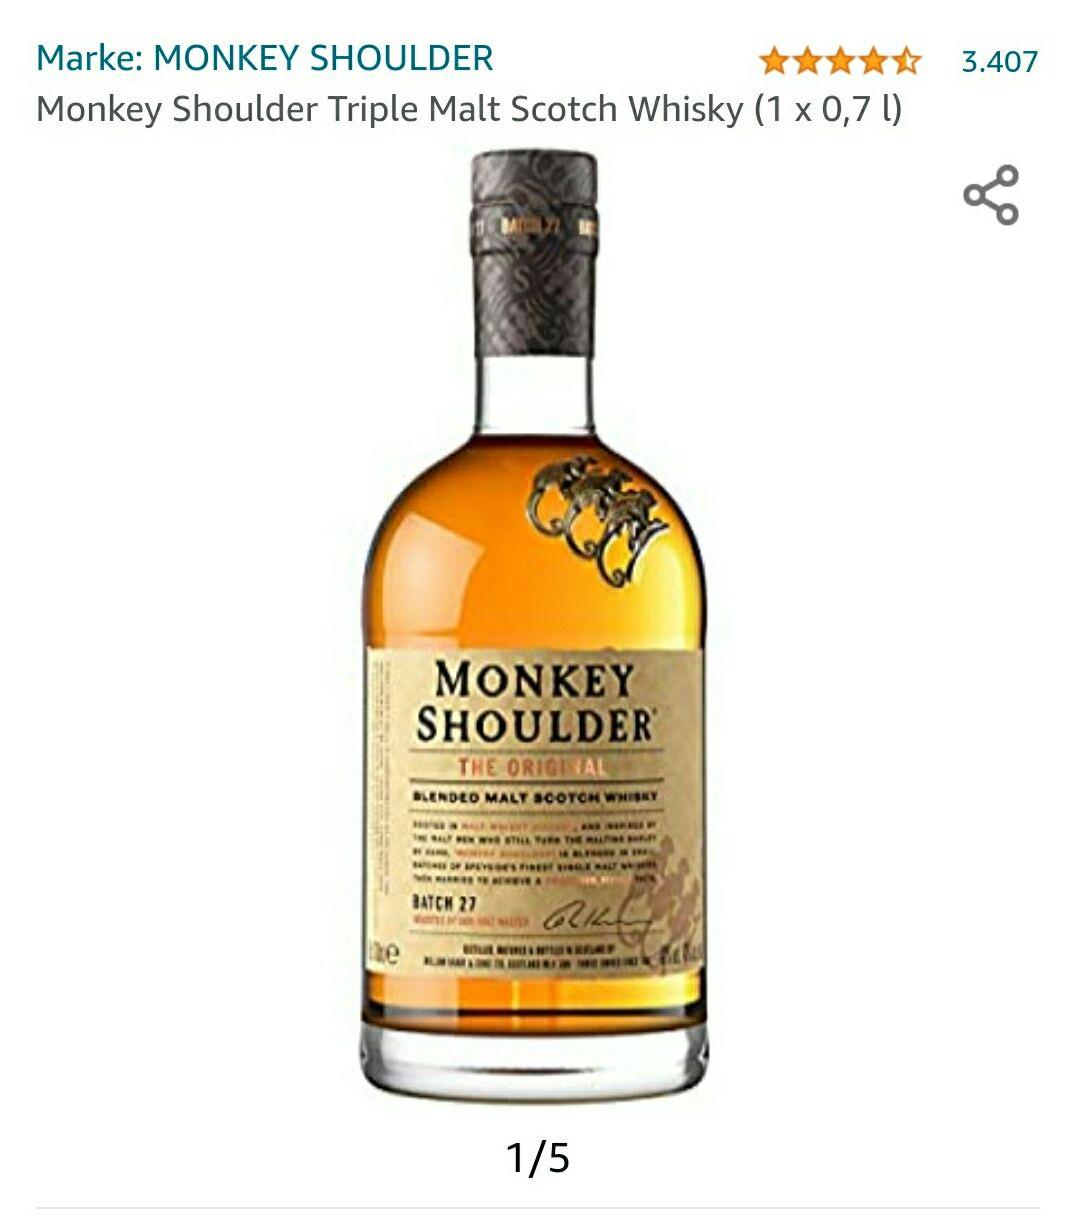 (AMAZON PRIME) Monkey Shoulder Whisky und Glenfiddich 12 0,7l im Spar-Abo (Personalisiert)